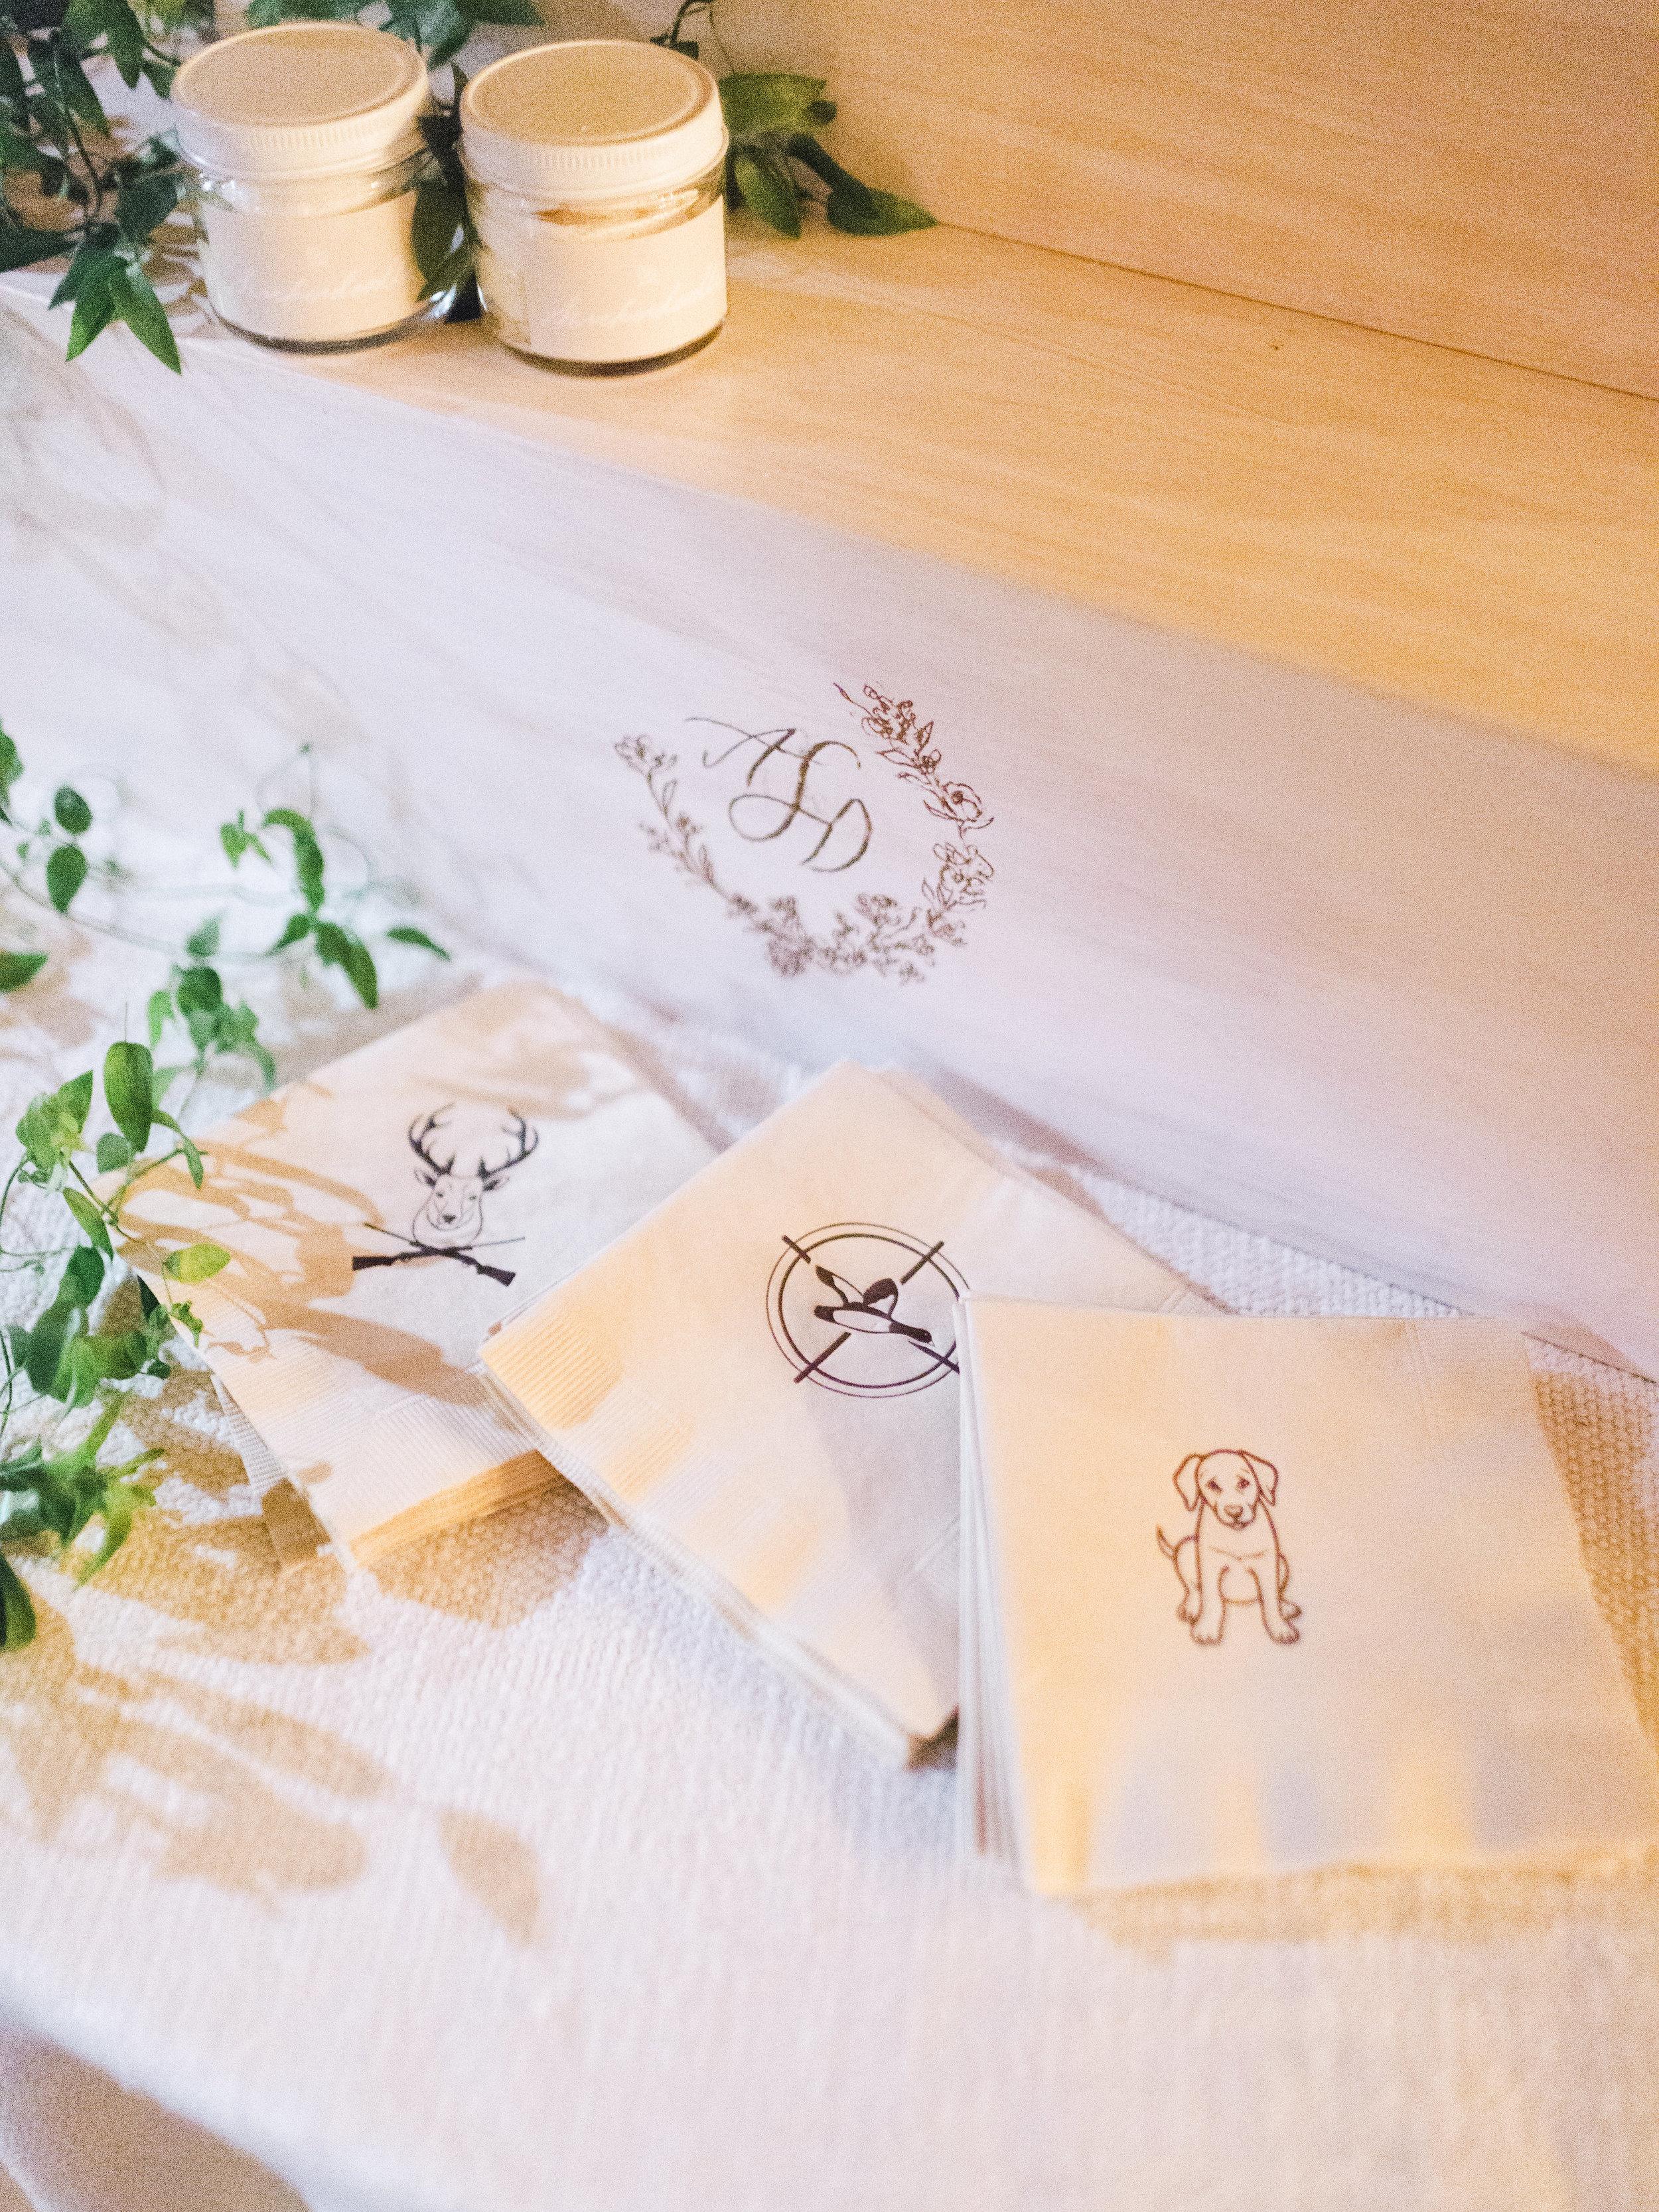 jessica-zimmerman-events-arkansas-wedding-martha-stewart-feature-groom-dessert.jpg